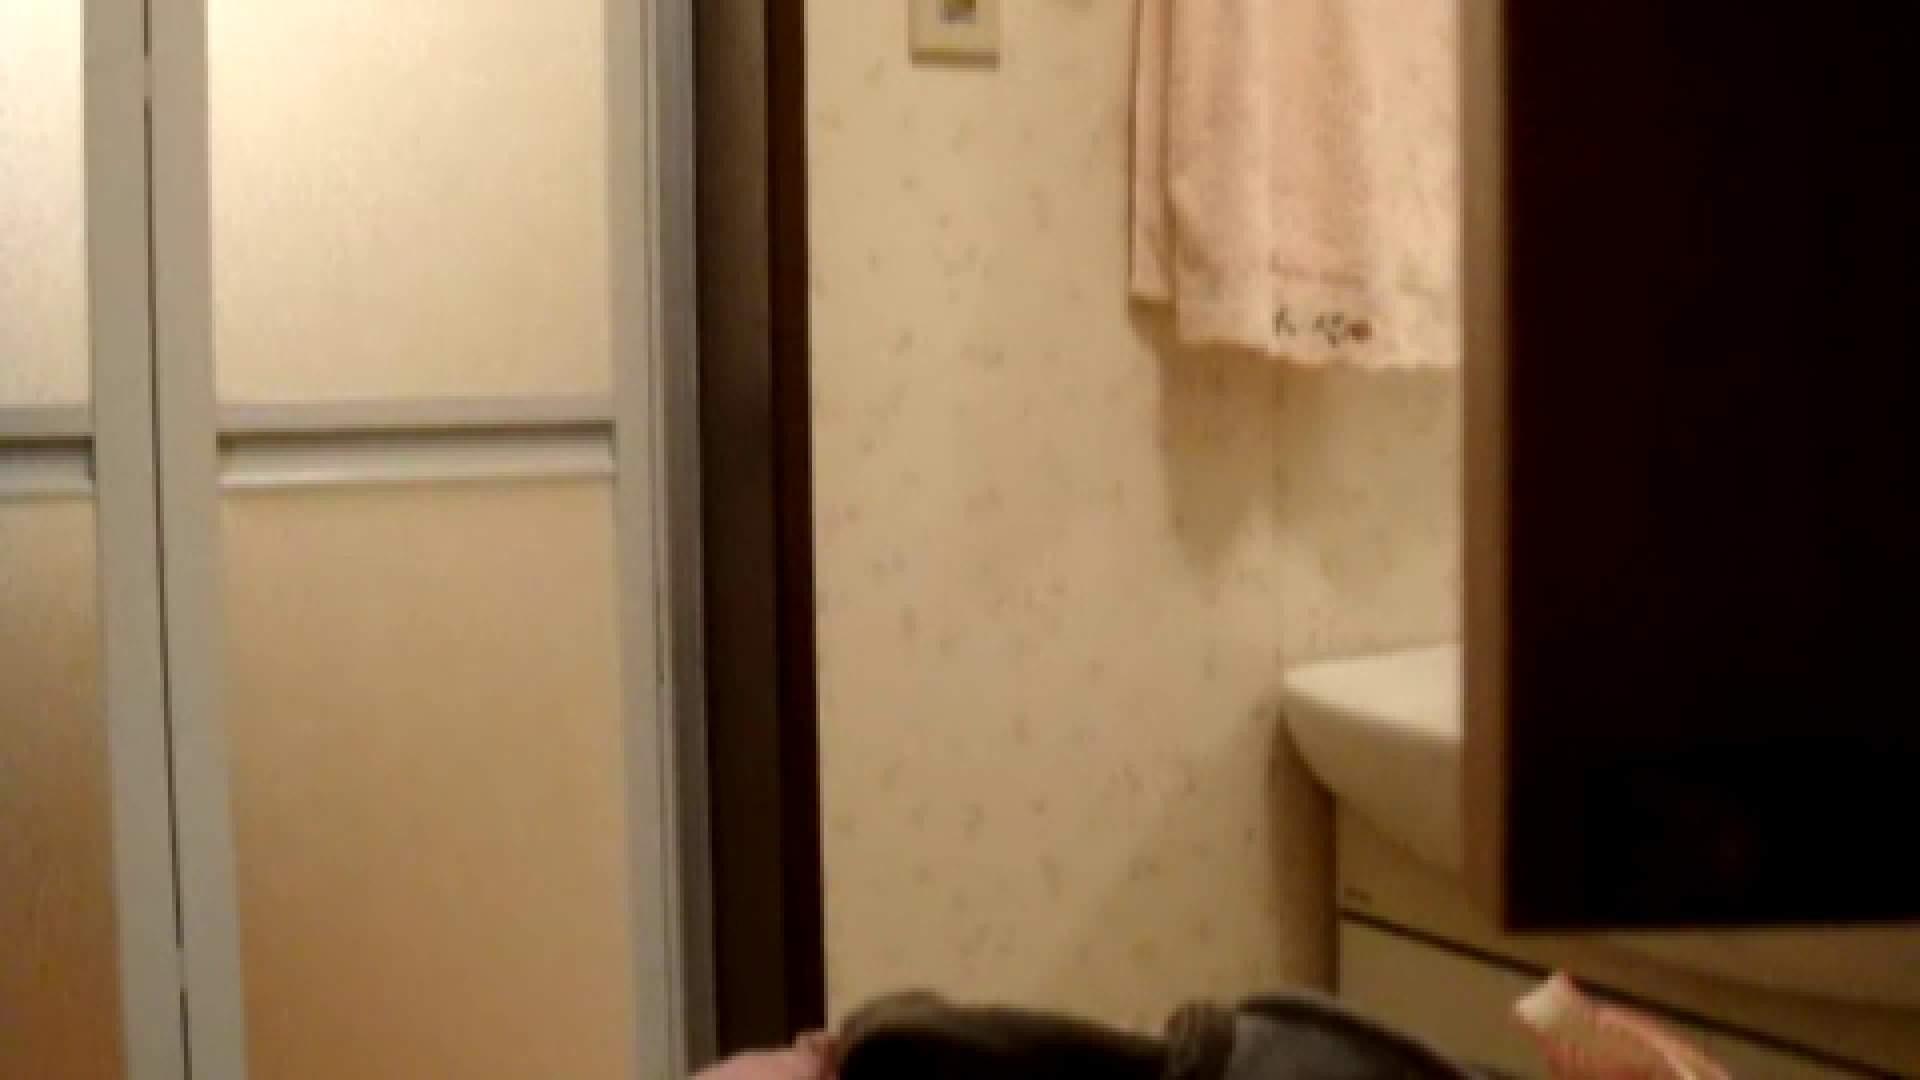 二人とも育てた甲斐がありました… vol.08 まどかの入浴中にカメラに気付いたか!? 綺麗なOLたち | 入浴  90枚 79